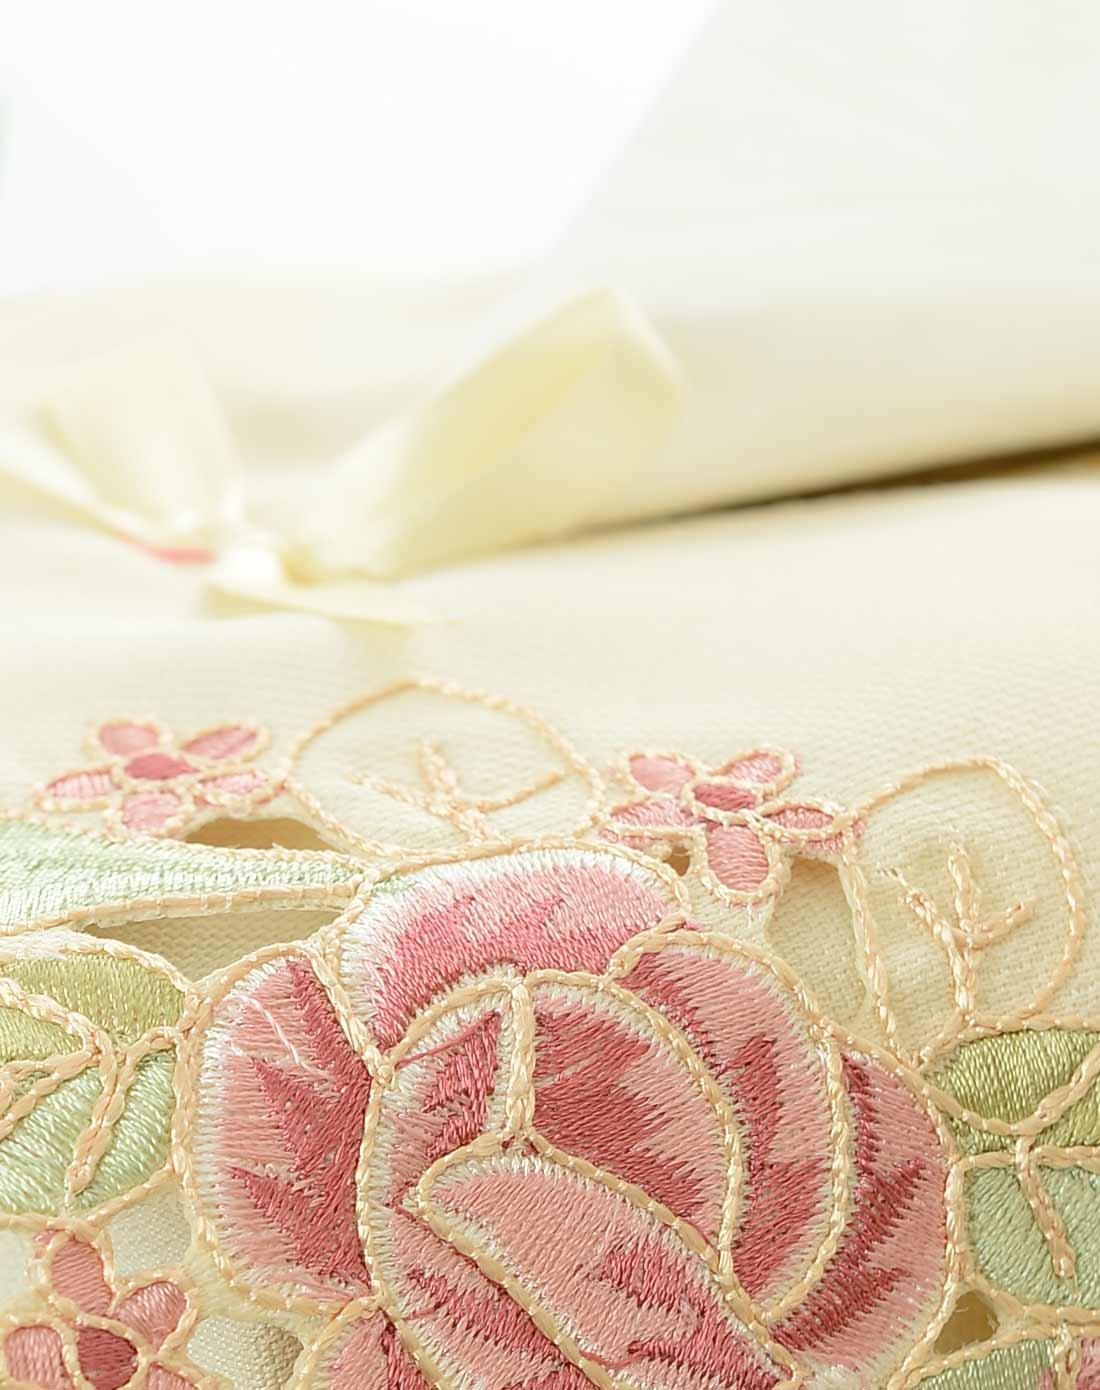 乐巢lovhome家居用品专场欧式立体刺绣华丽玫瑰纸巾